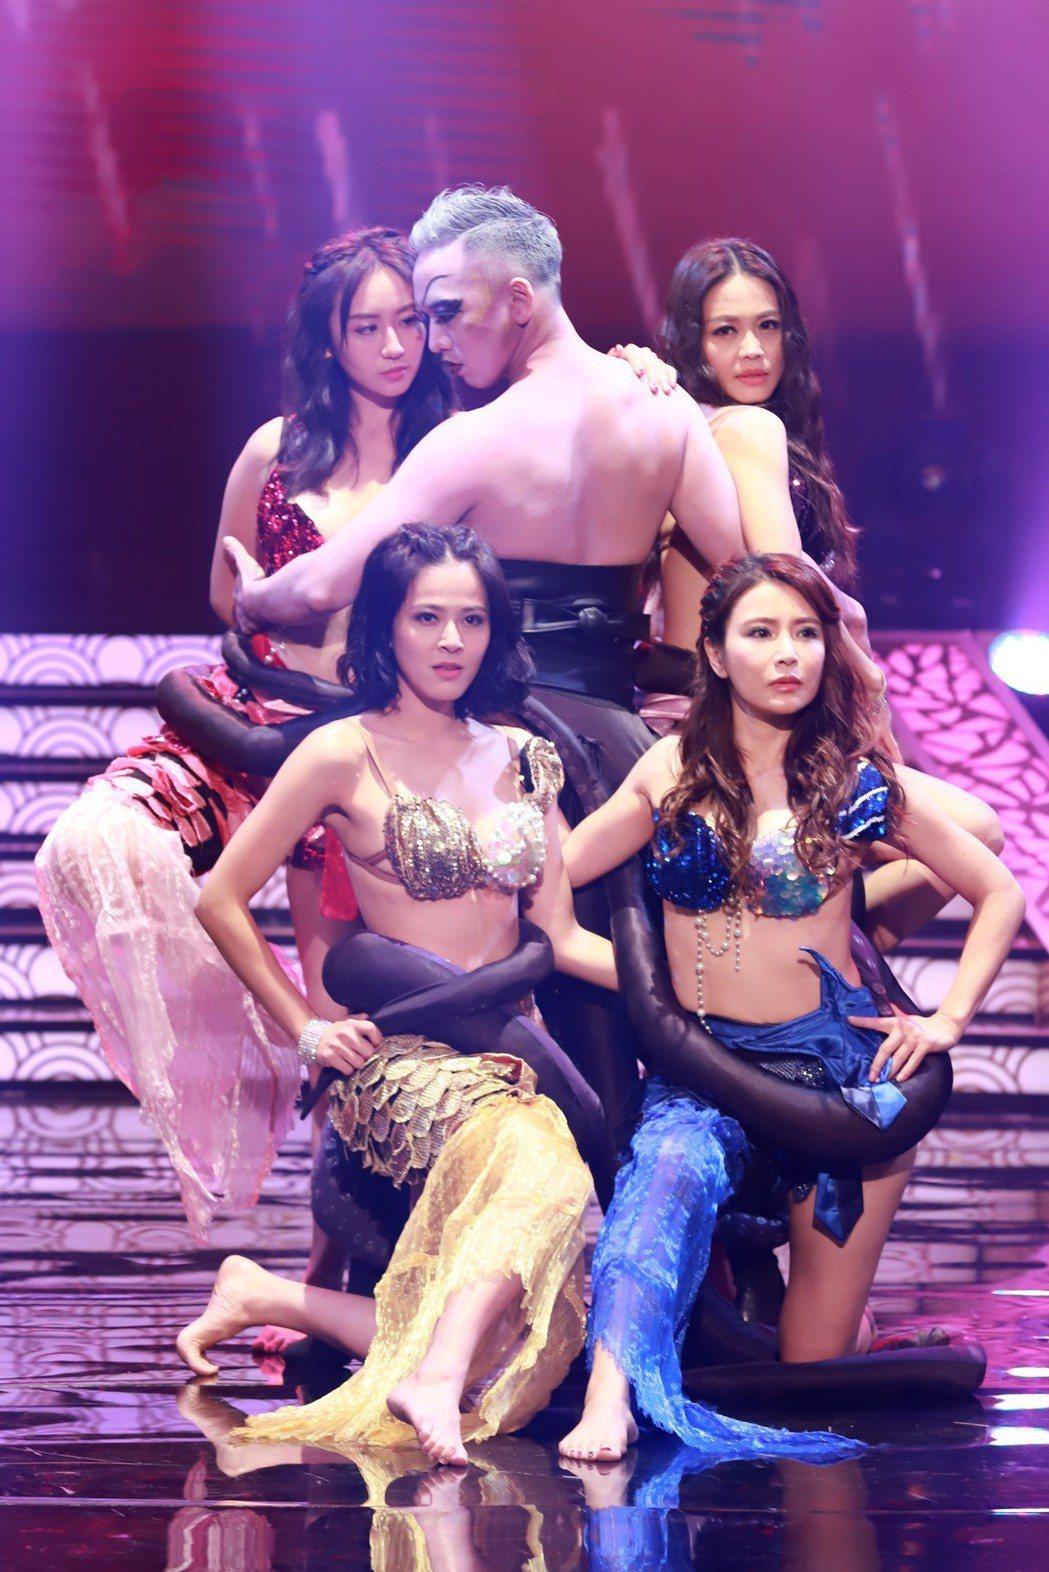 蘇晏霈(前排左起)、德馨、蔡允潔(後排左起)、張䕒心表演美人魚舞。圖/民視提供